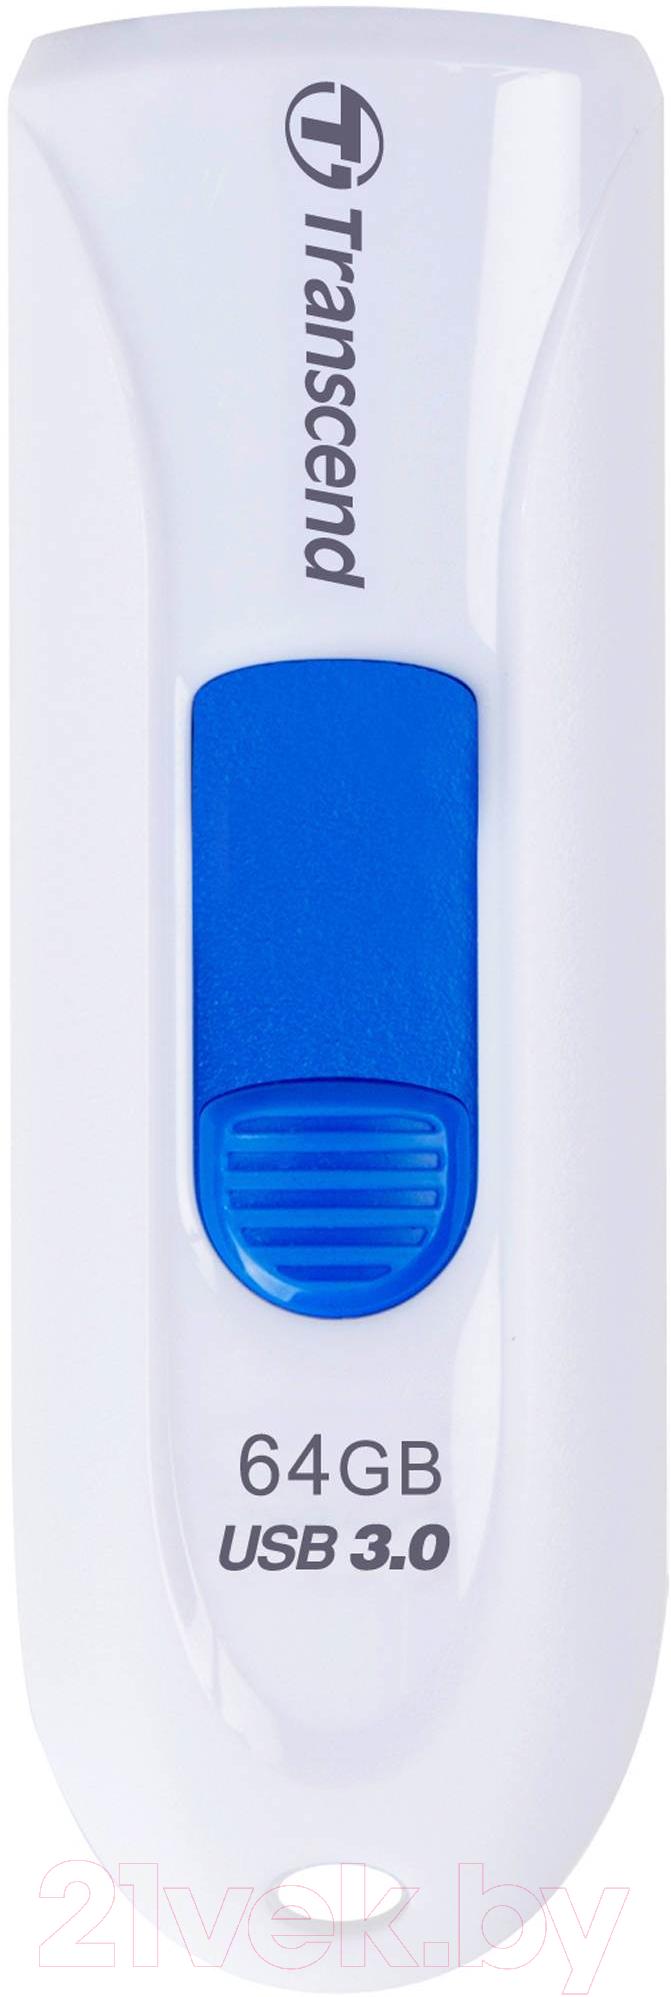 Купить Usb flash накопитель Transcend, JetFlash 790 64GB (TS64GJF790W), Китай